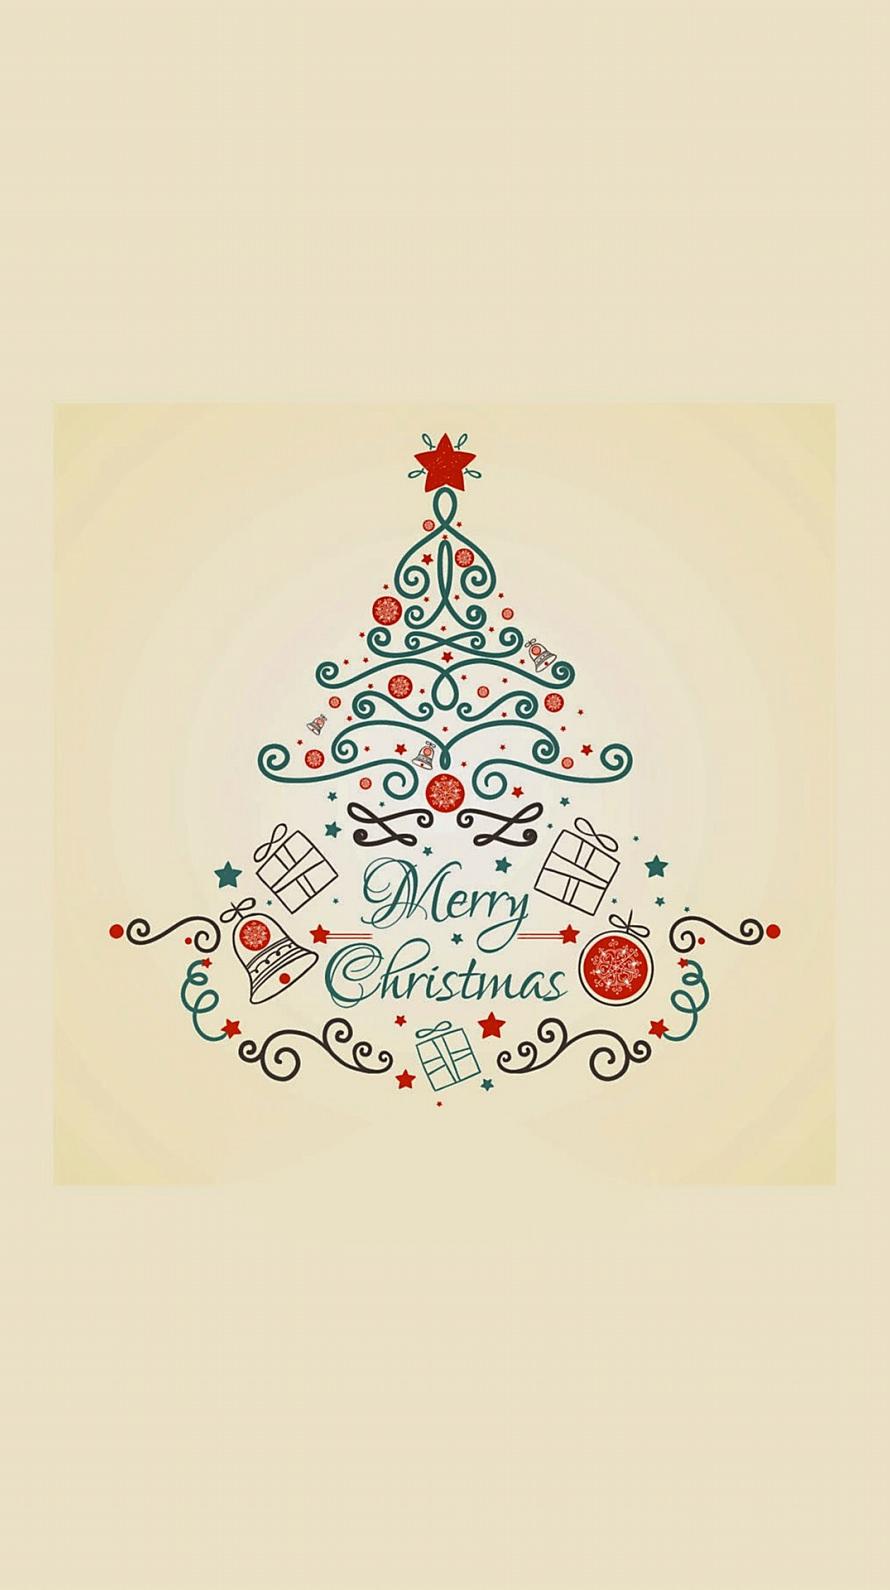 メリークリスマス iPhone6壁紙